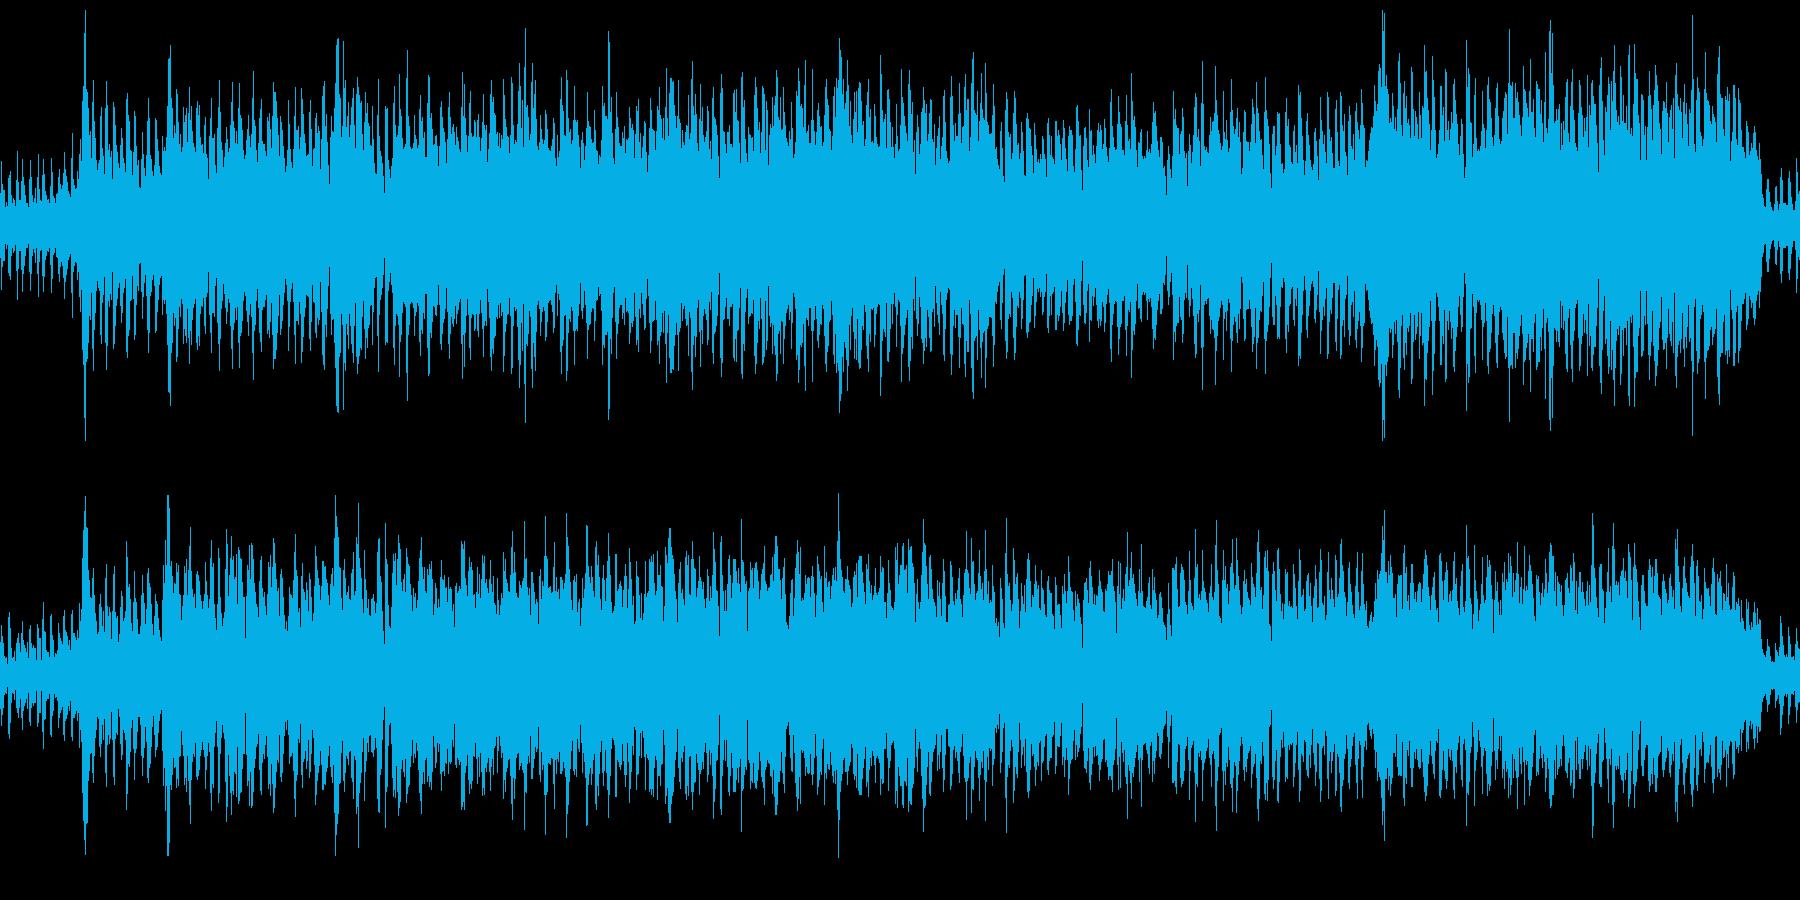 明るく疾走感のあるフィールドの曲の再生済みの波形